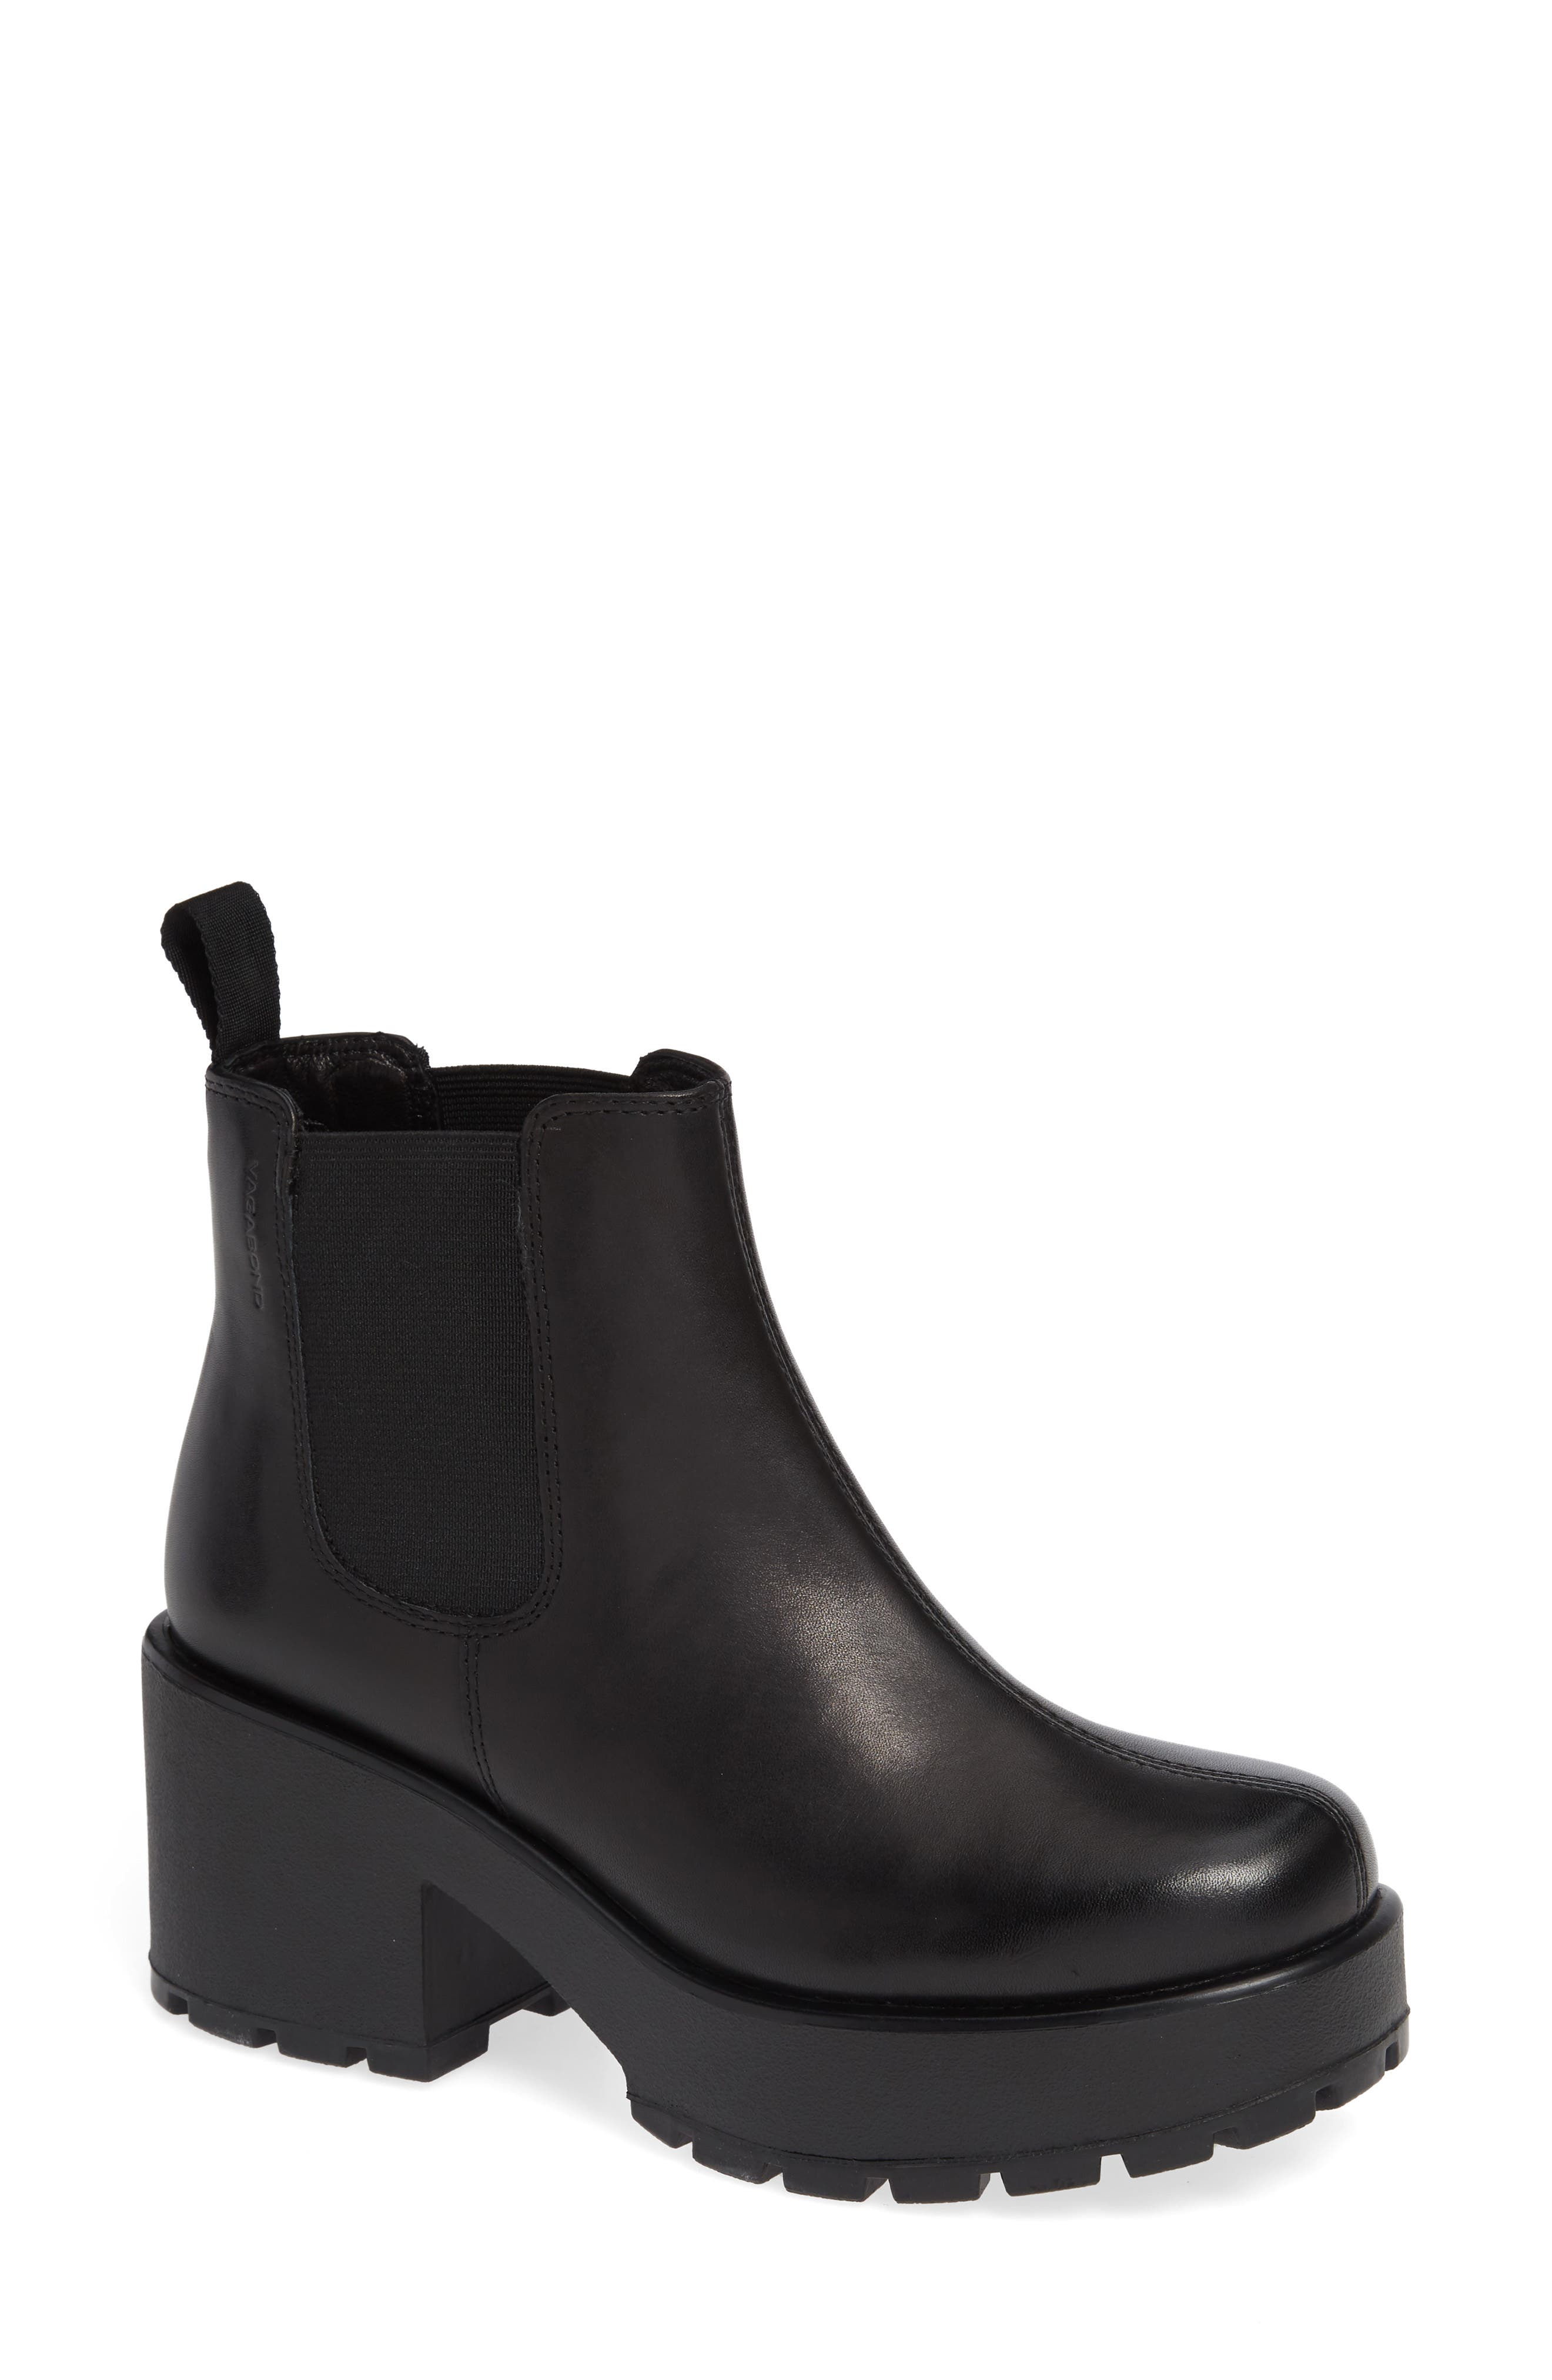 441ce807d7 Women s Vagabond Booties   Ankle Boots